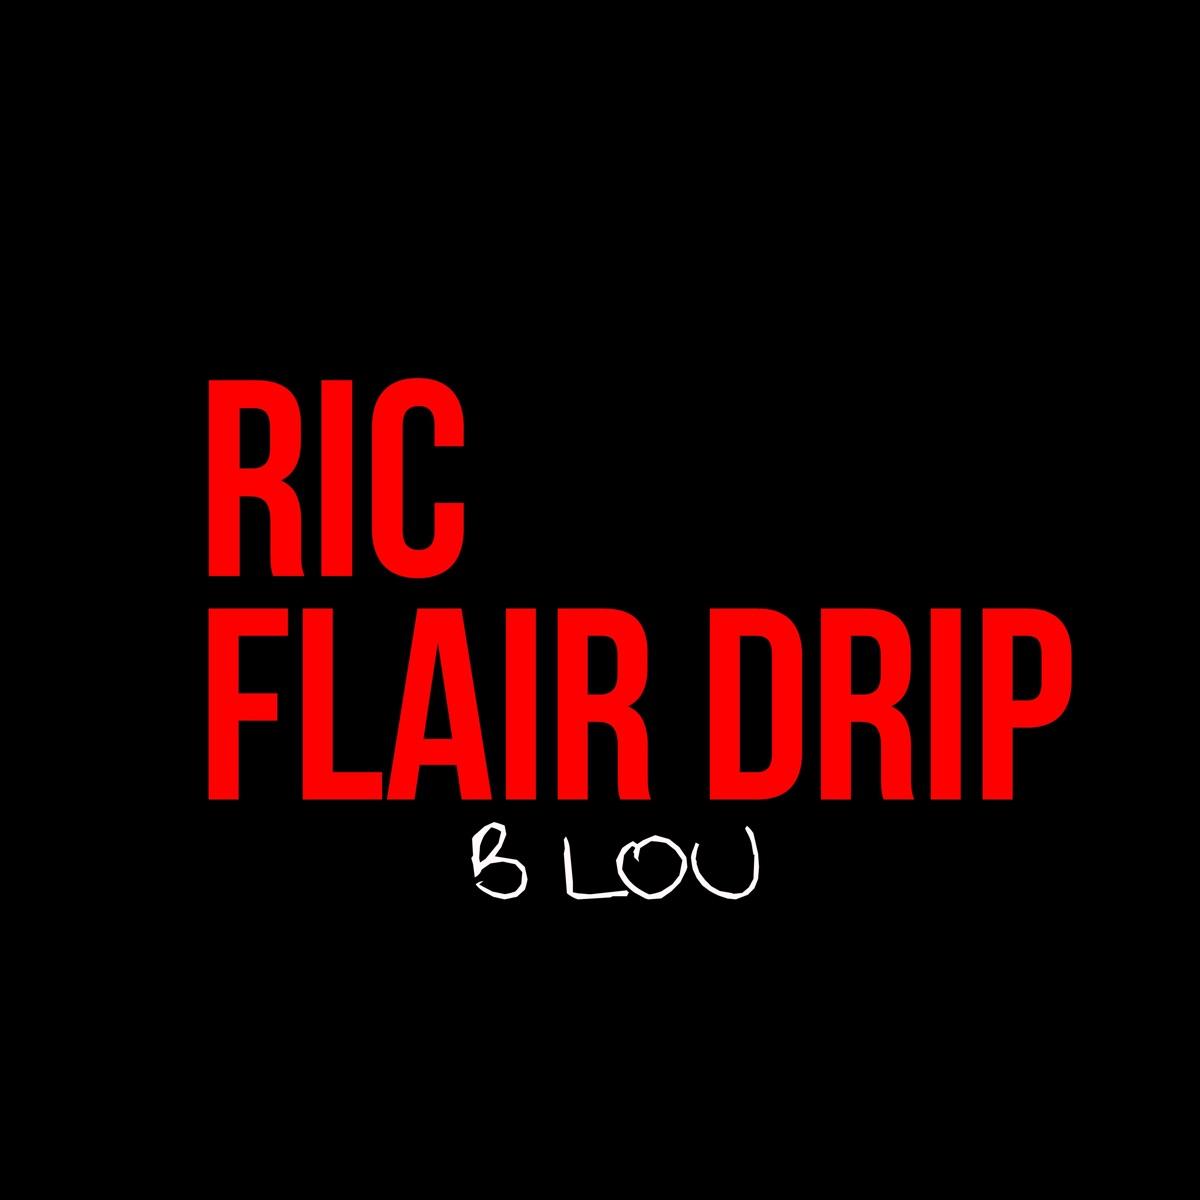 Ric Flair Drip Album Cover by B Lou